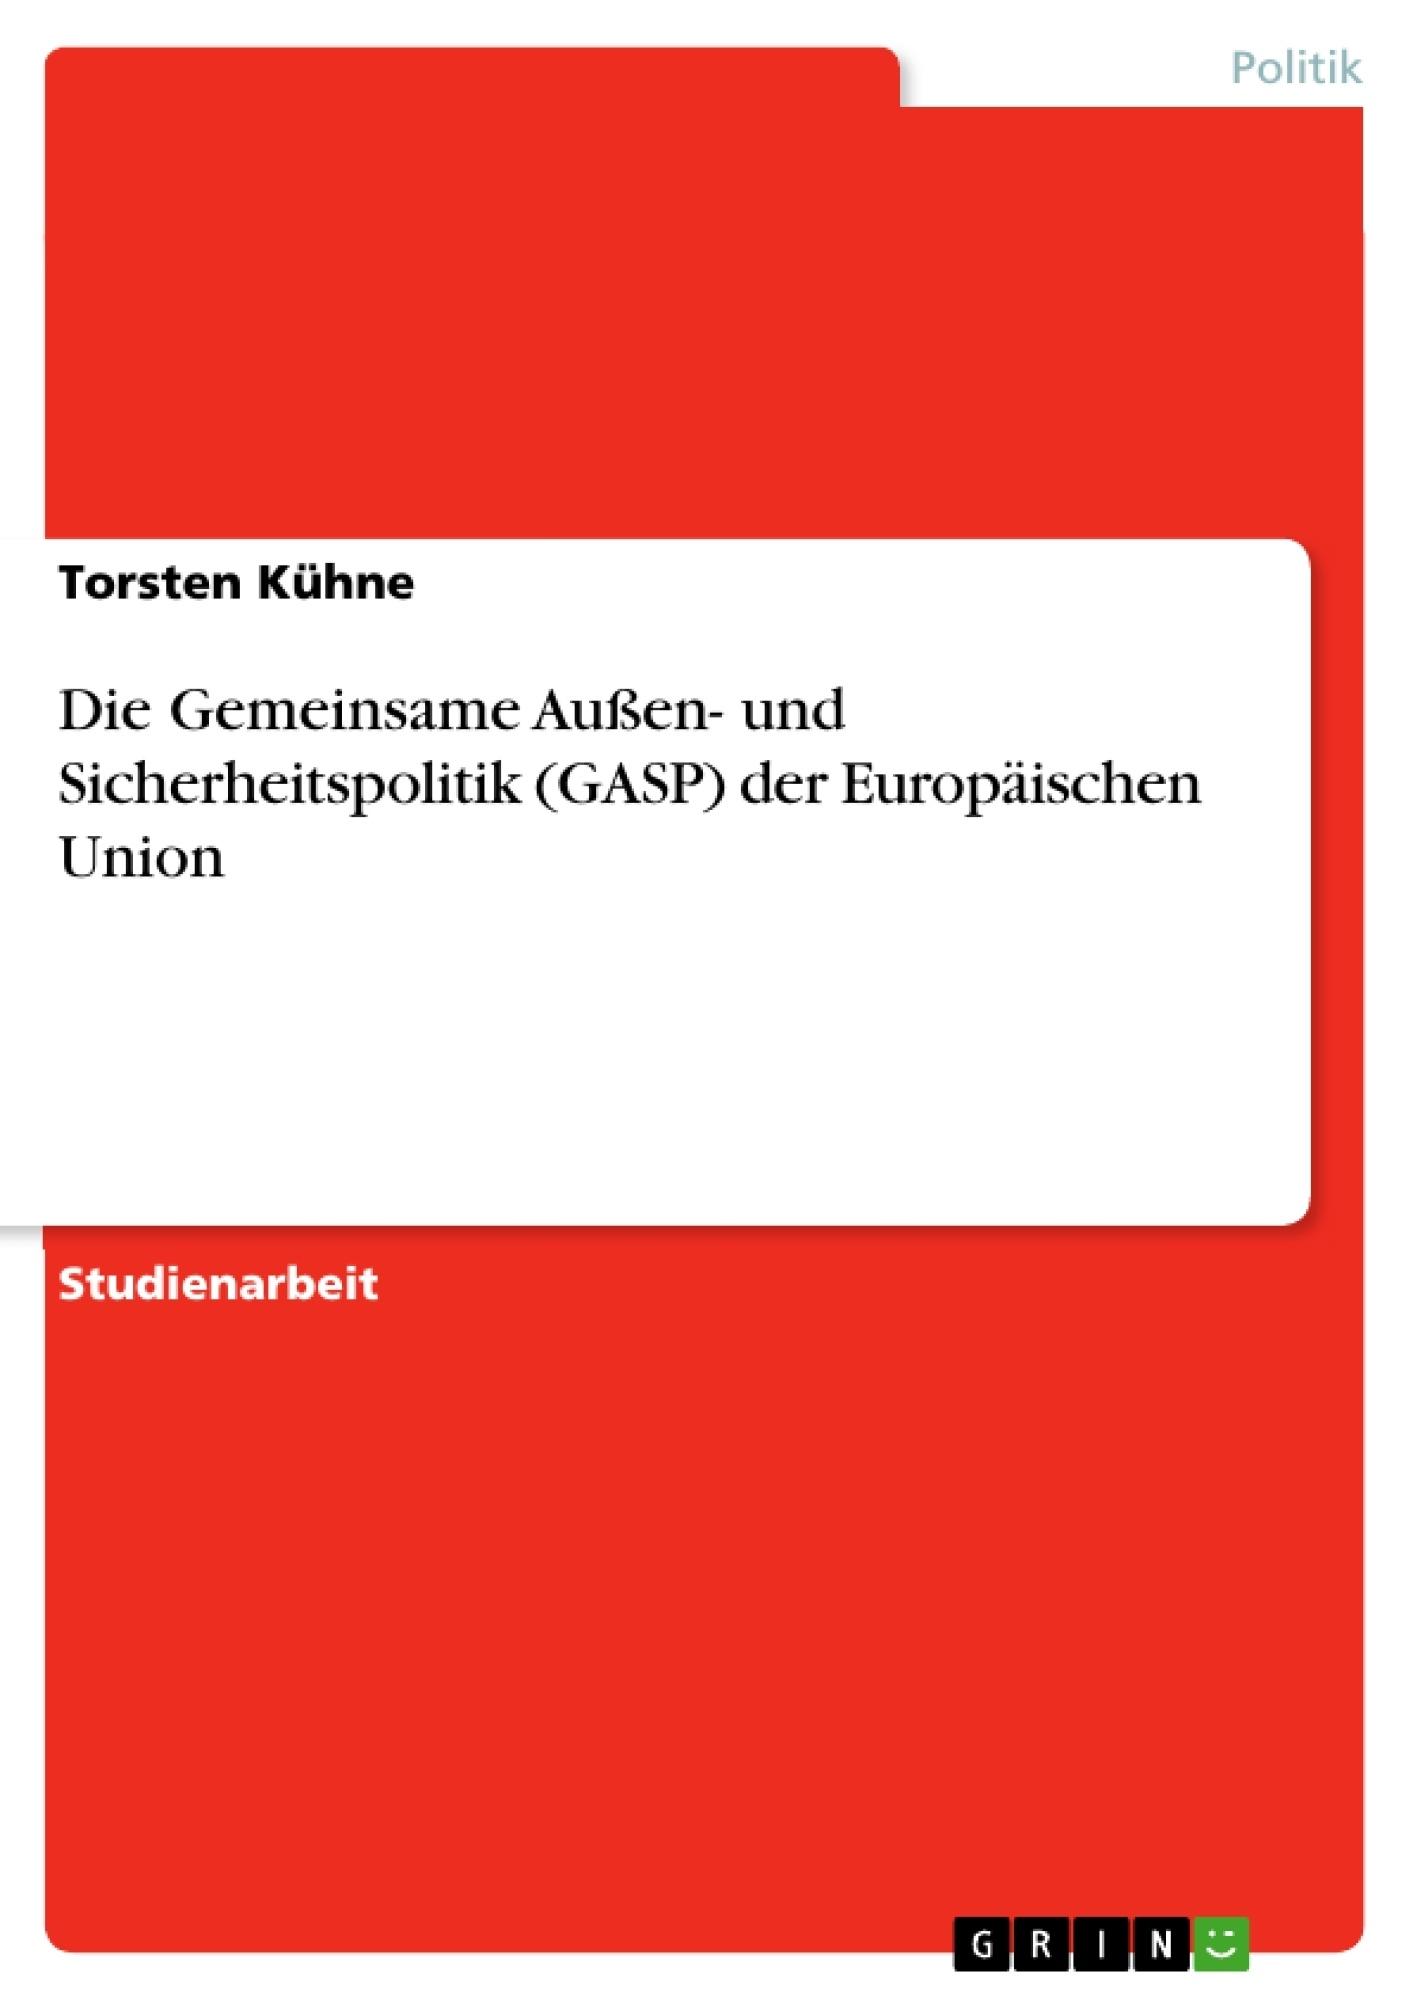 Titel: Die Gemeinsame Außen- und Sicherheitspolitik (GASP) der Europäischen Union